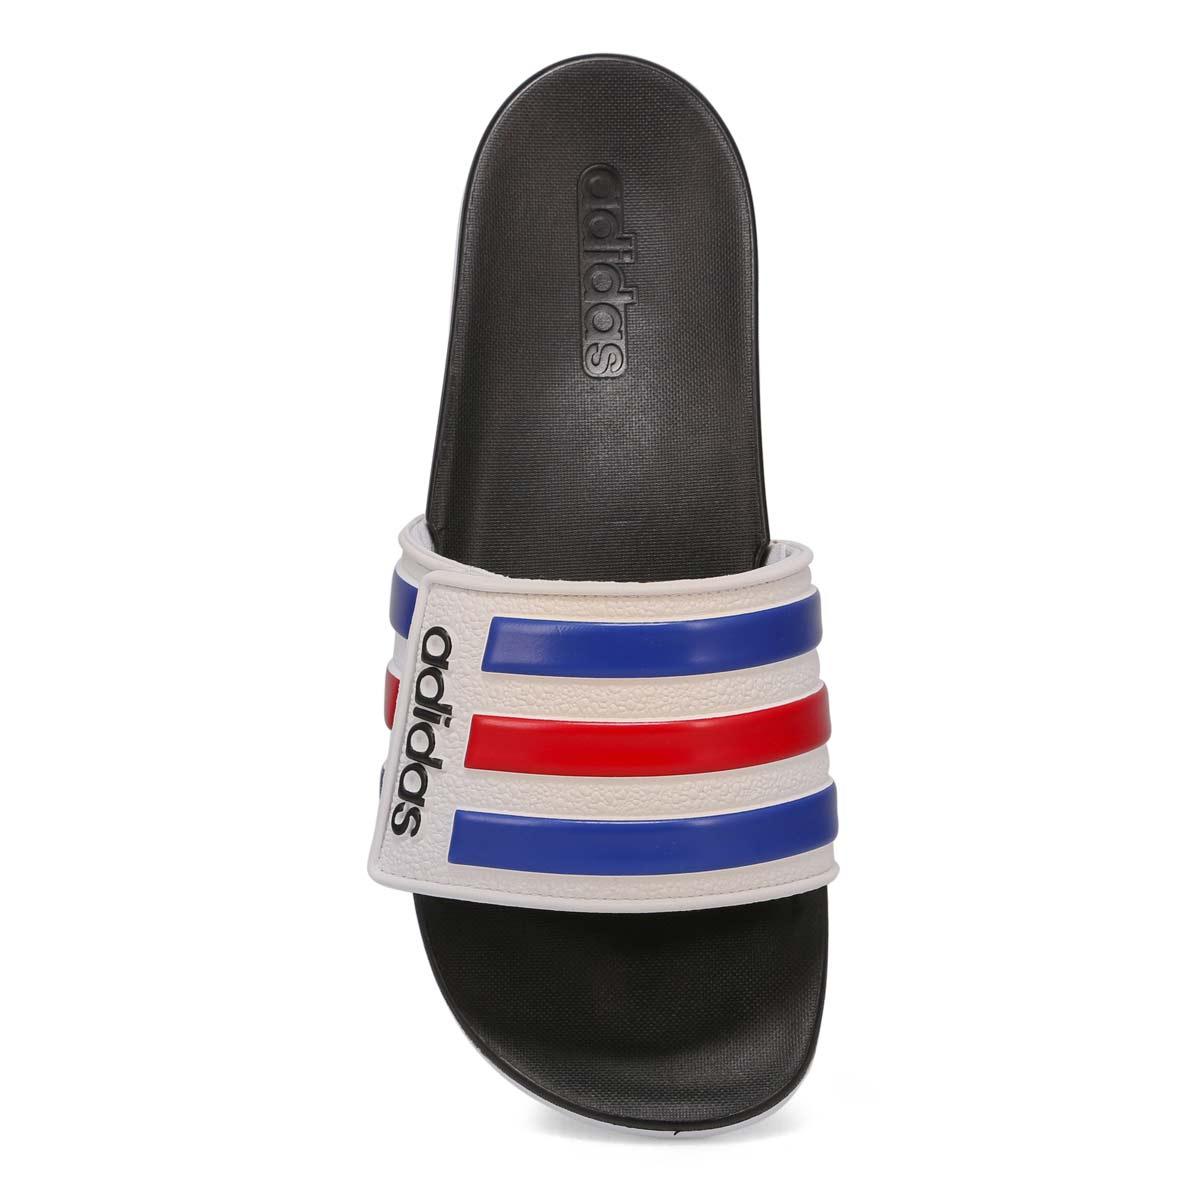 Men's Adilette Comfort ADJ Sandal - White/Blue/Red